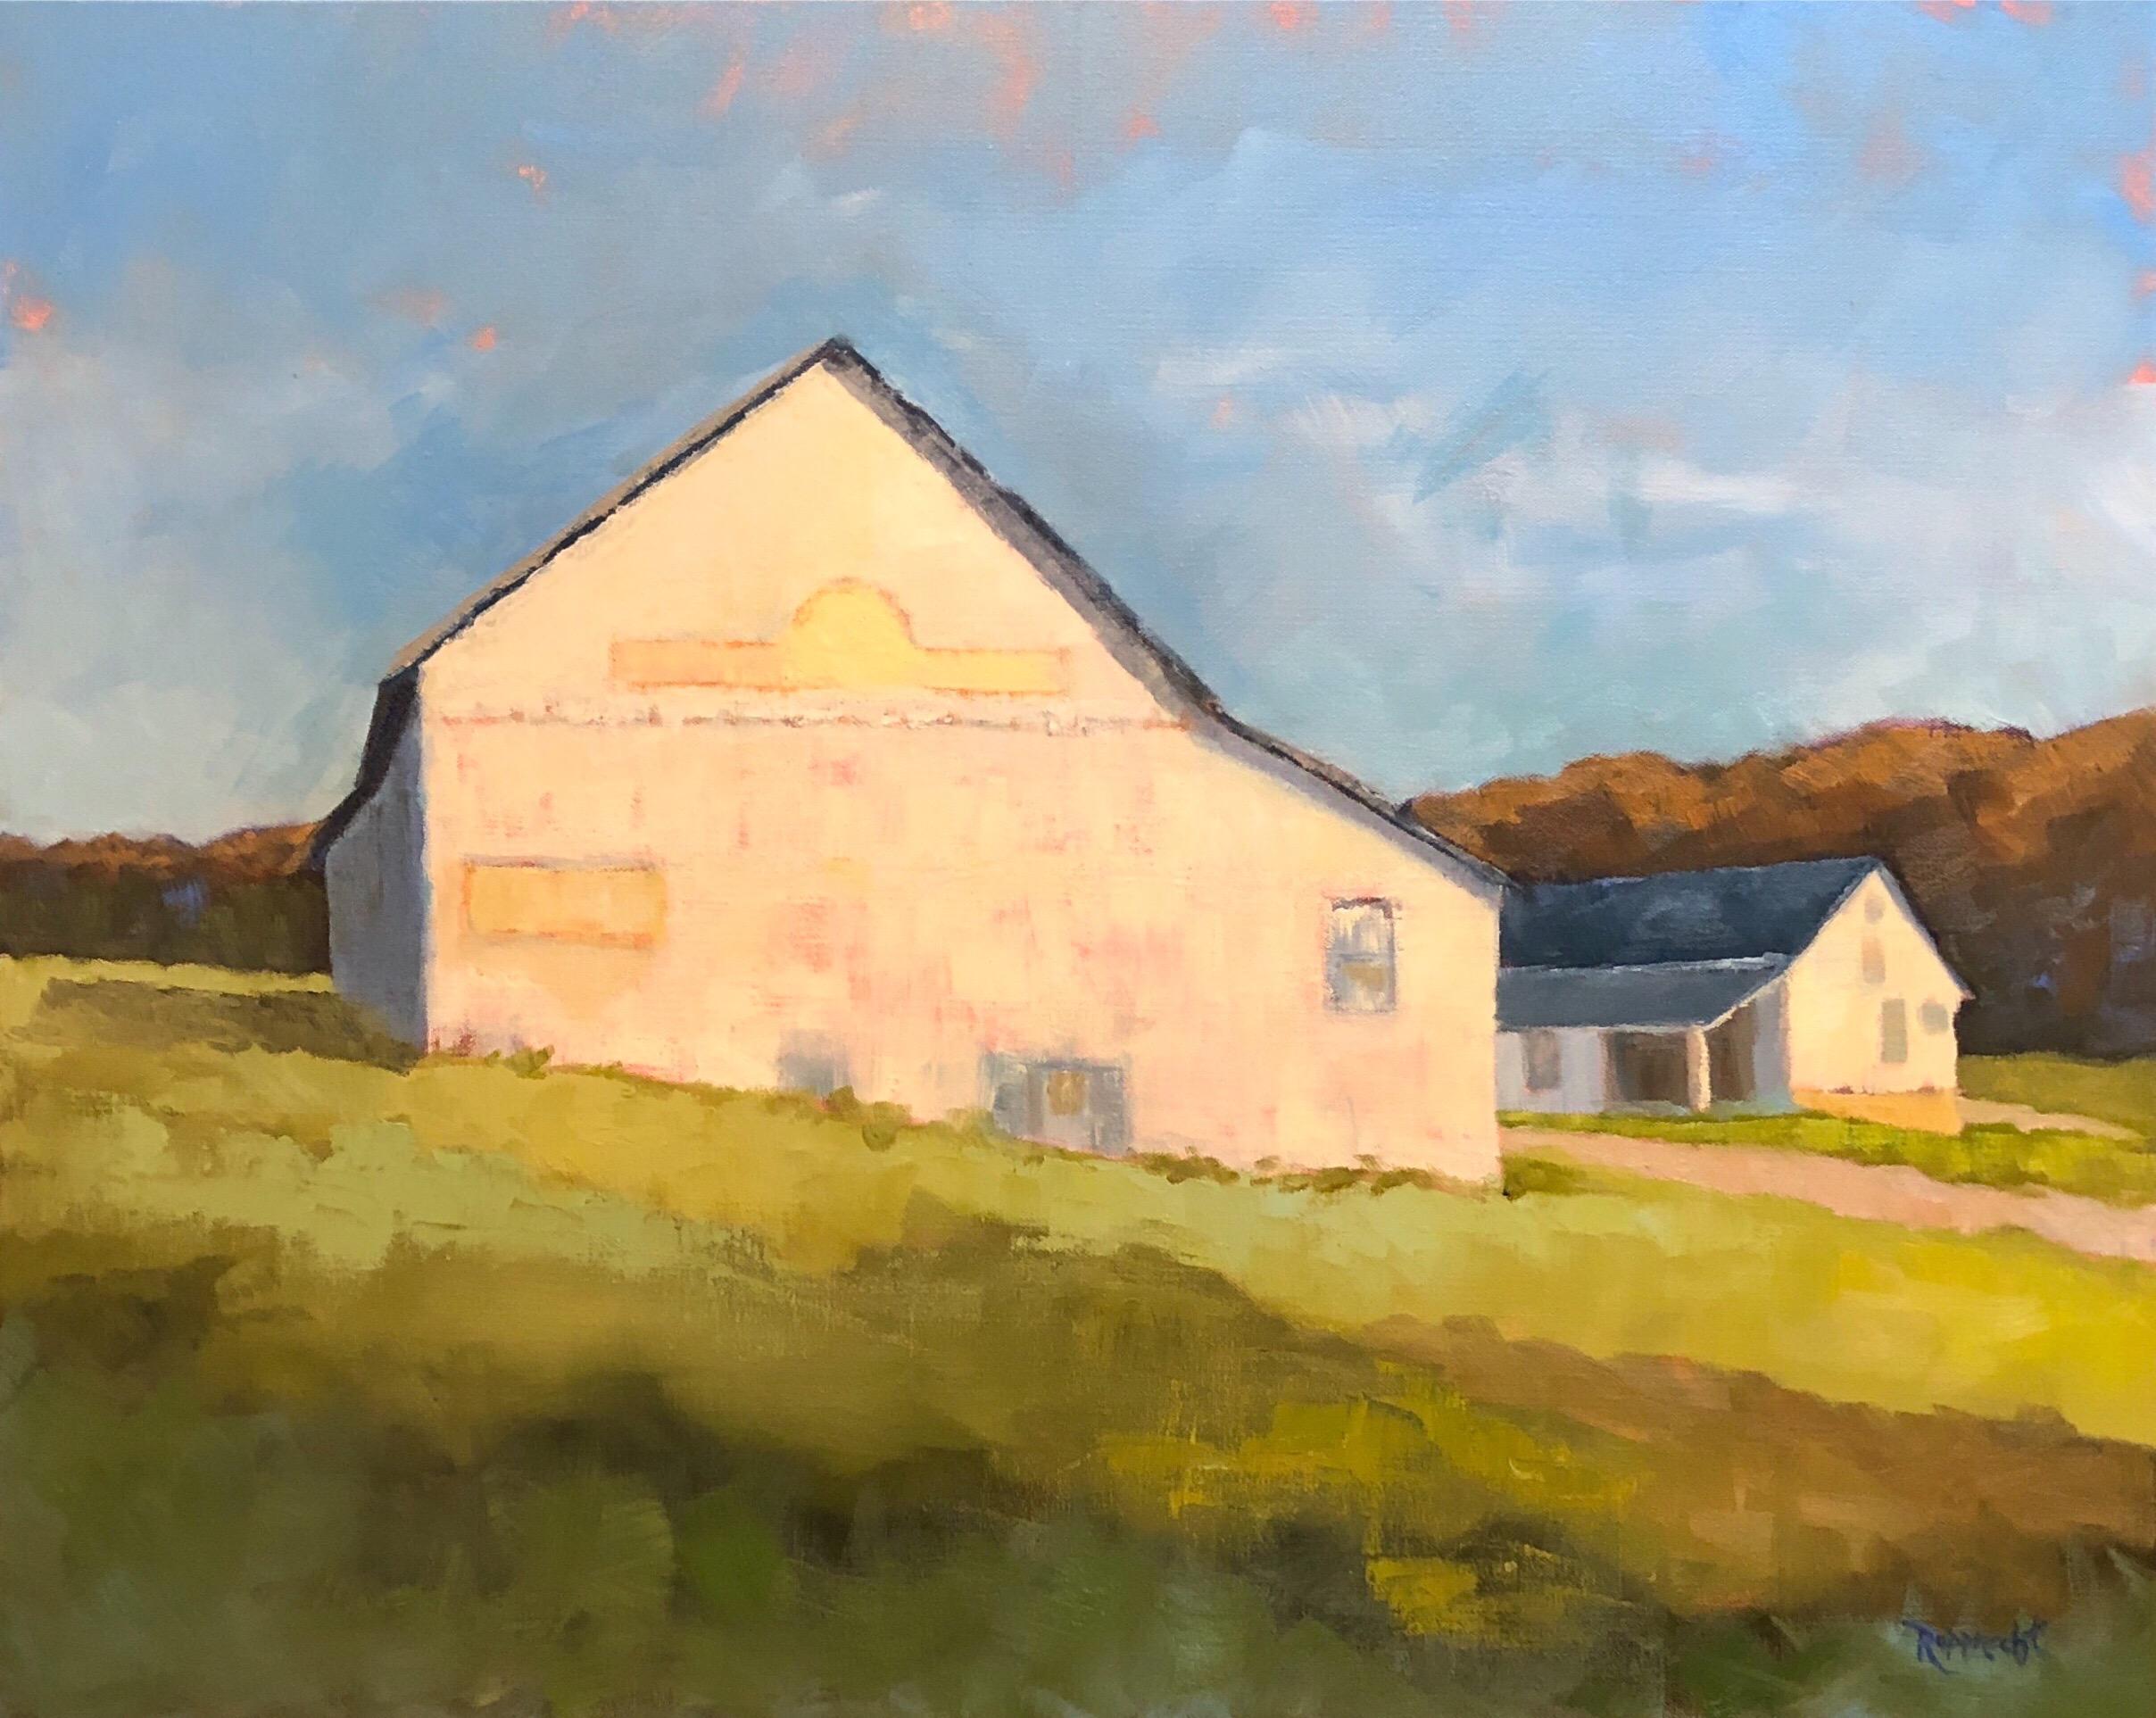 Jean Rupprecht, Fields of Gold